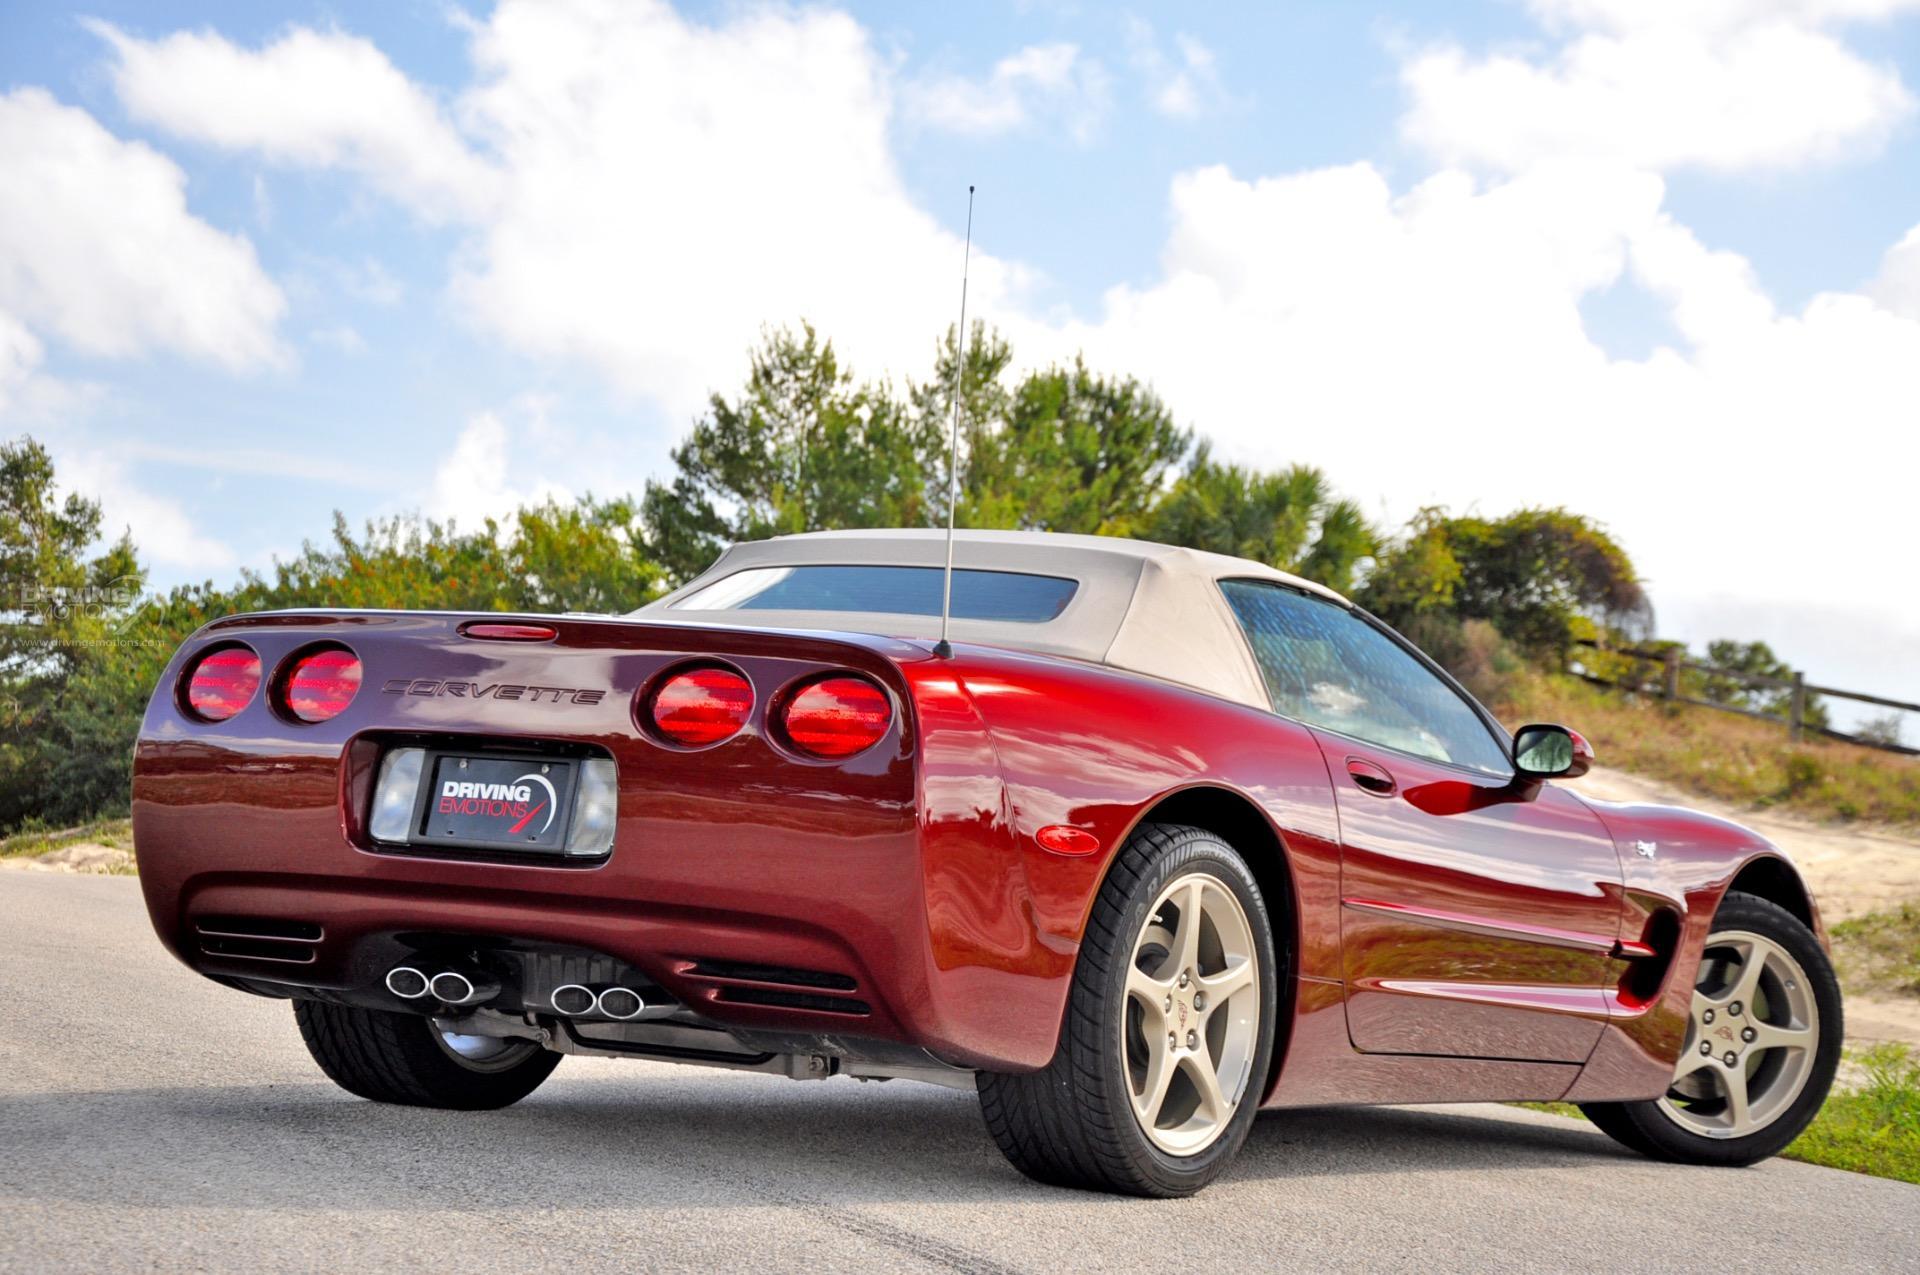 2003 Chevrolet Corvette Convertible 50th Anniversary